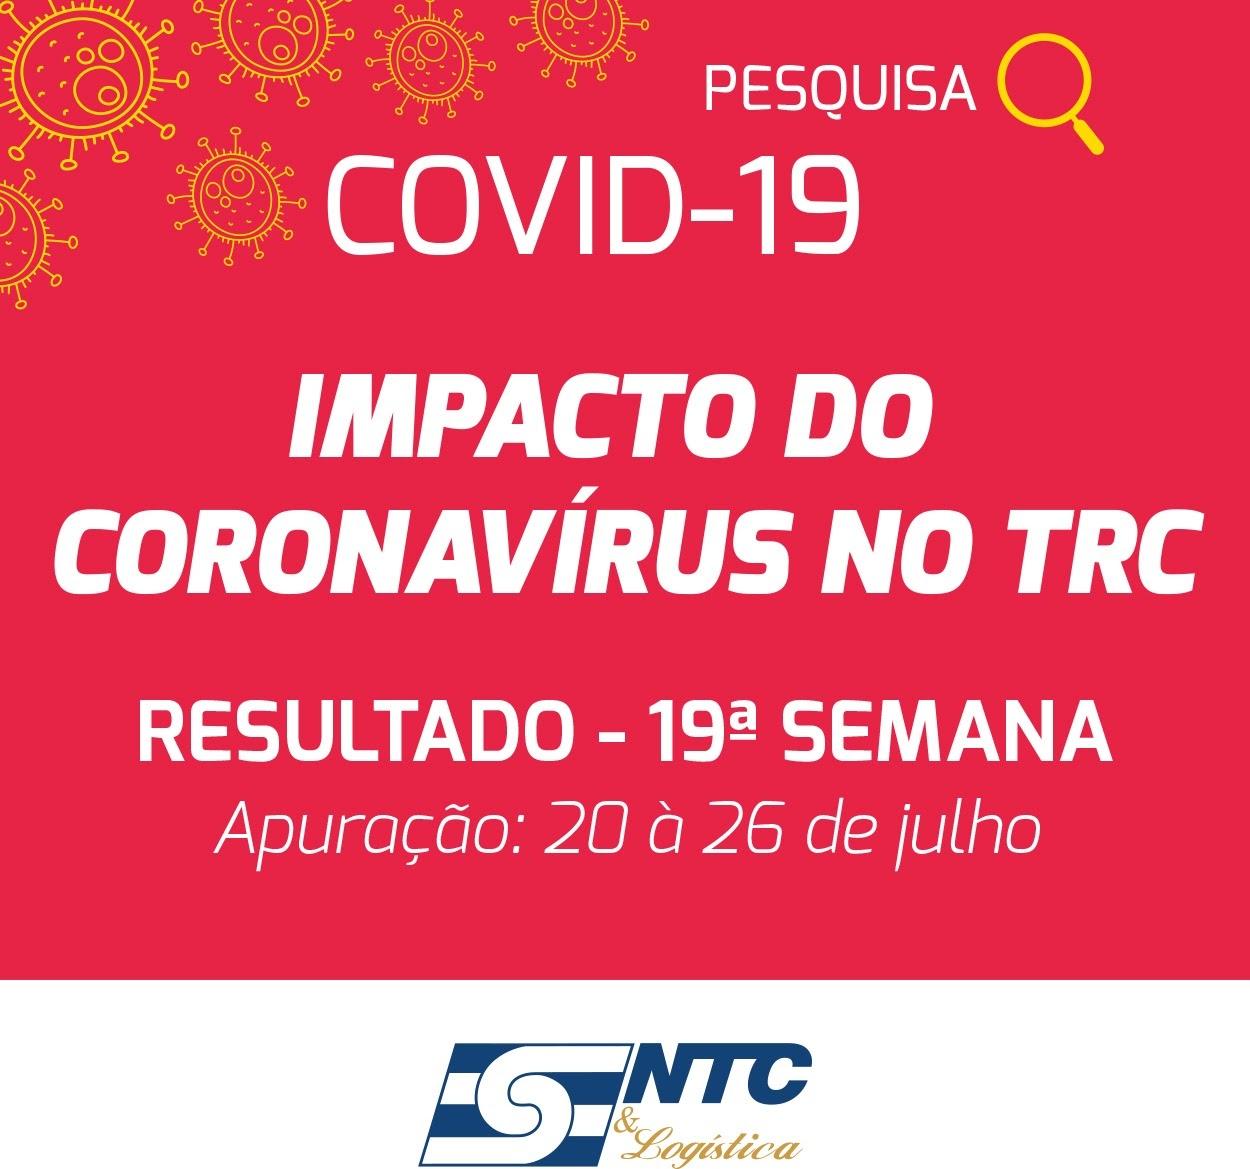 Pesquisa: Demanda por transporte rodoviário de cargas no Brasil avança pela 5ª semana seguida